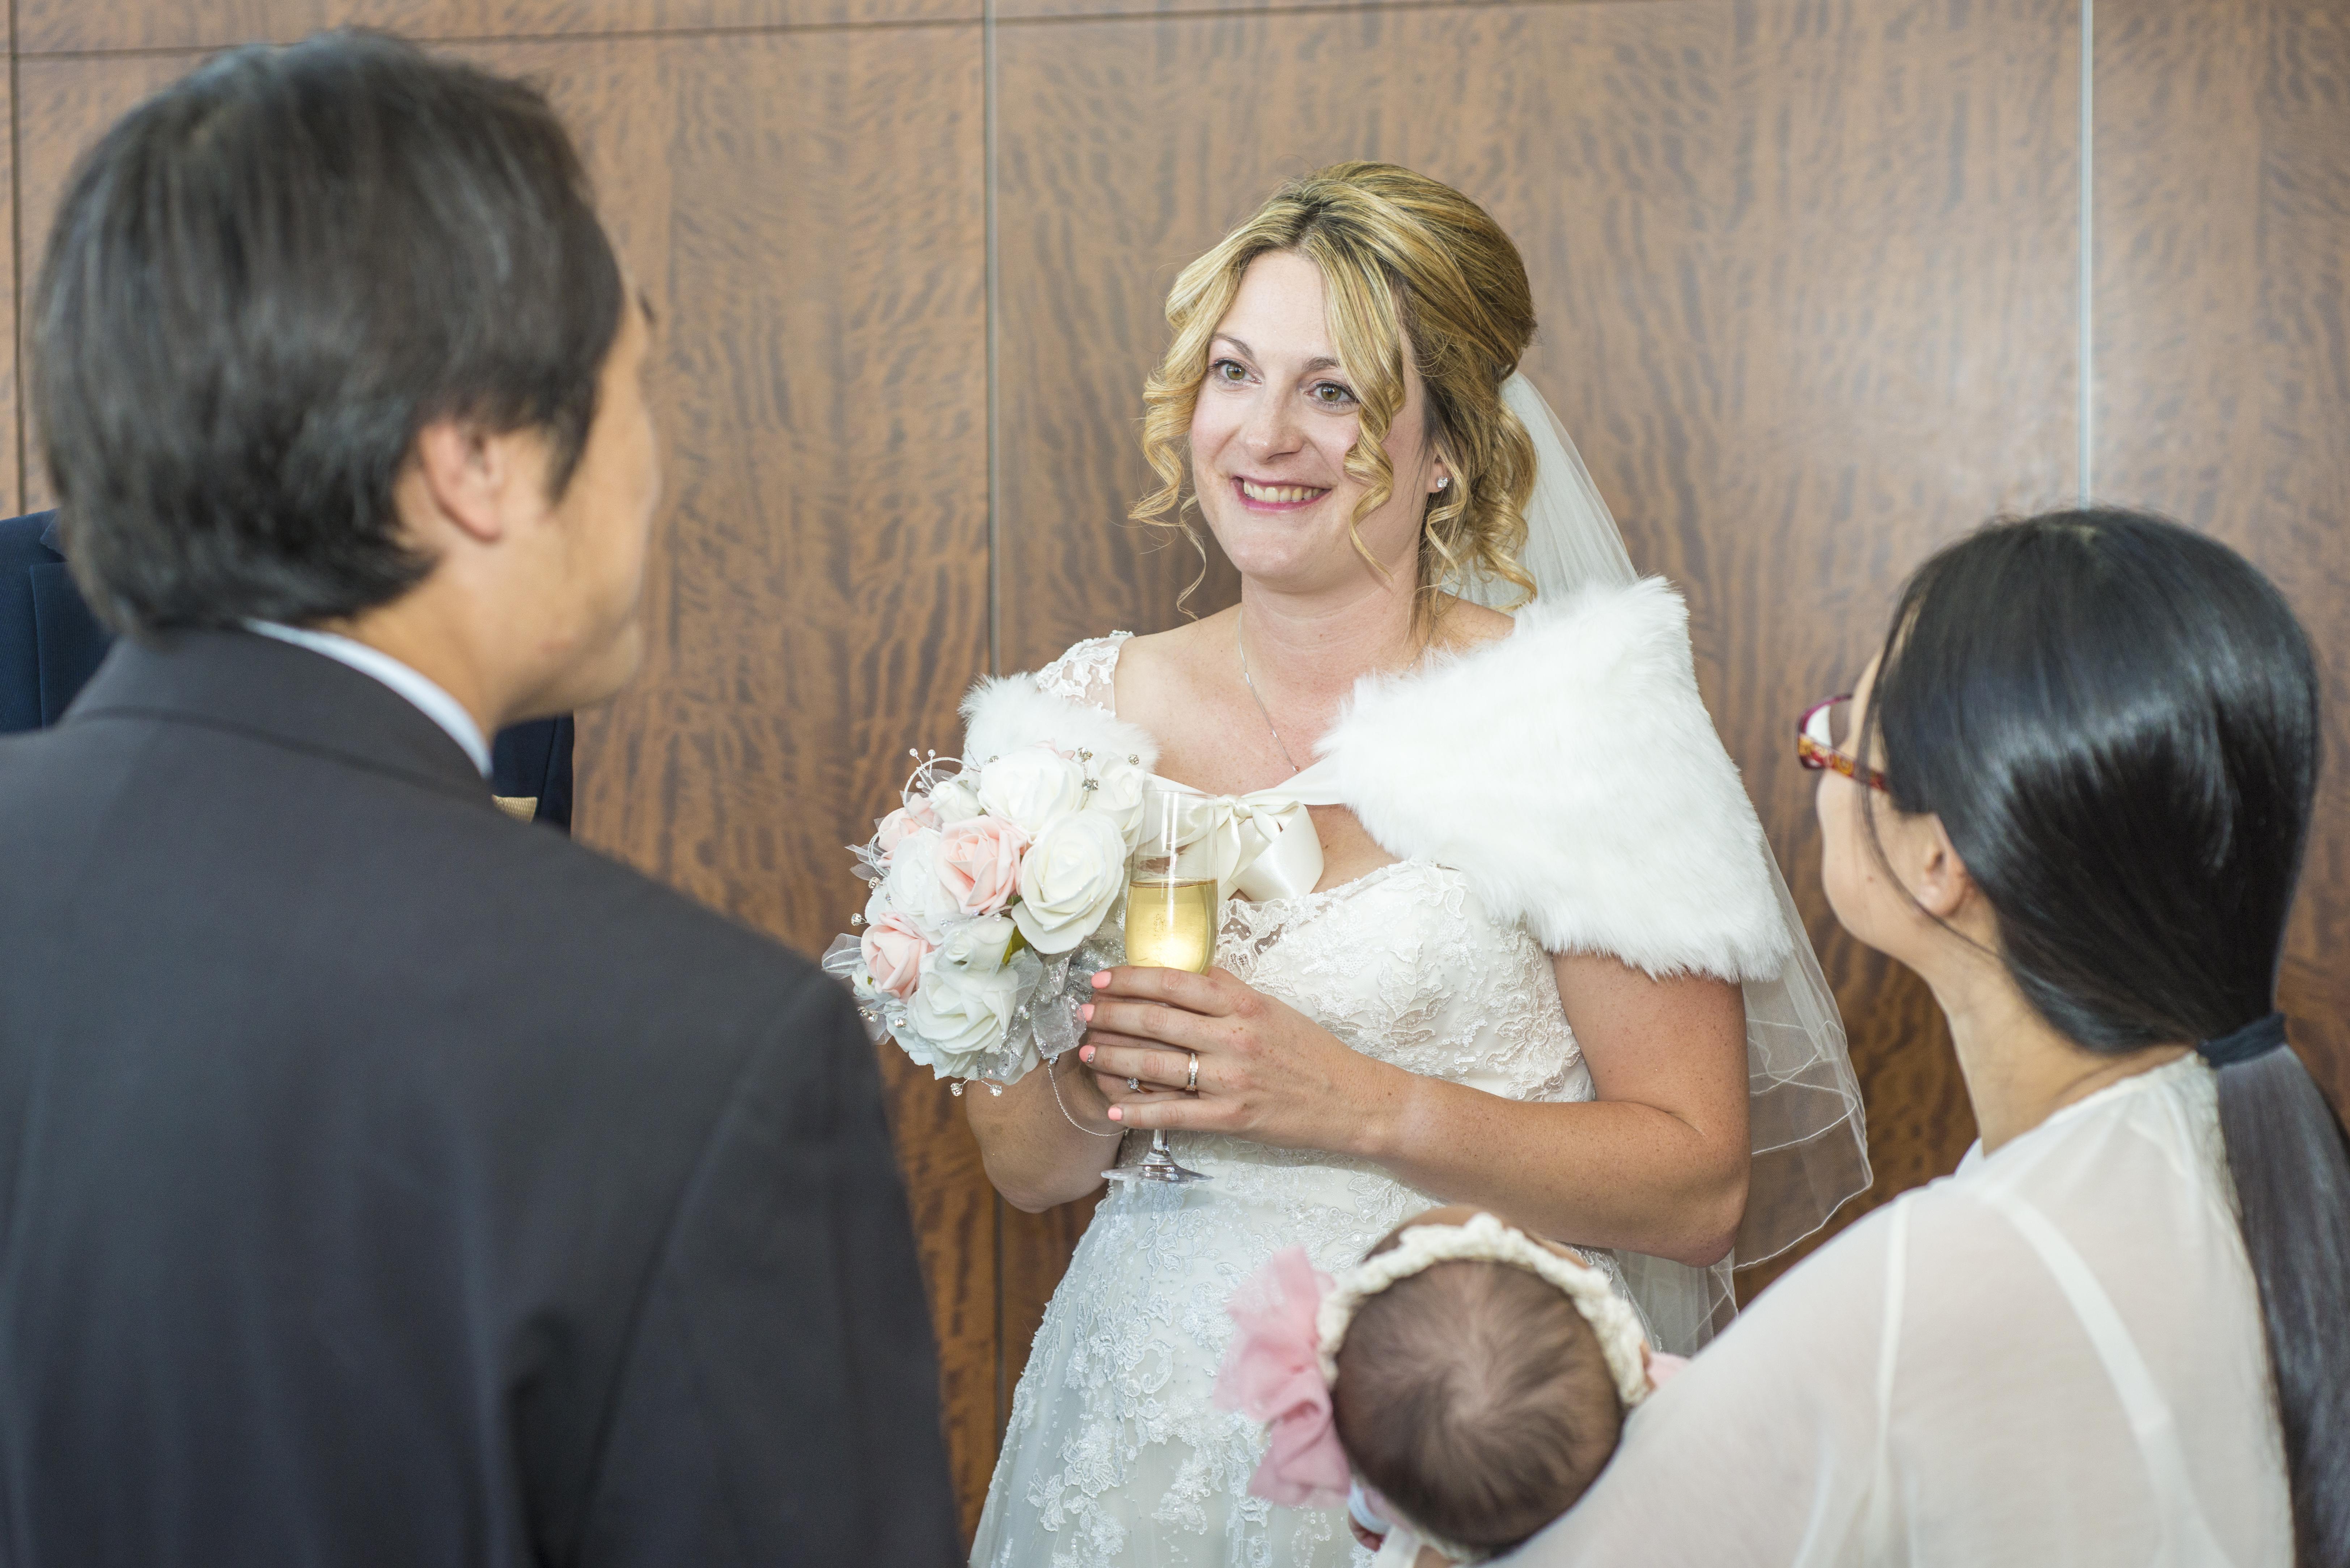 Chiara and Chengez's Wedding (136 of 240